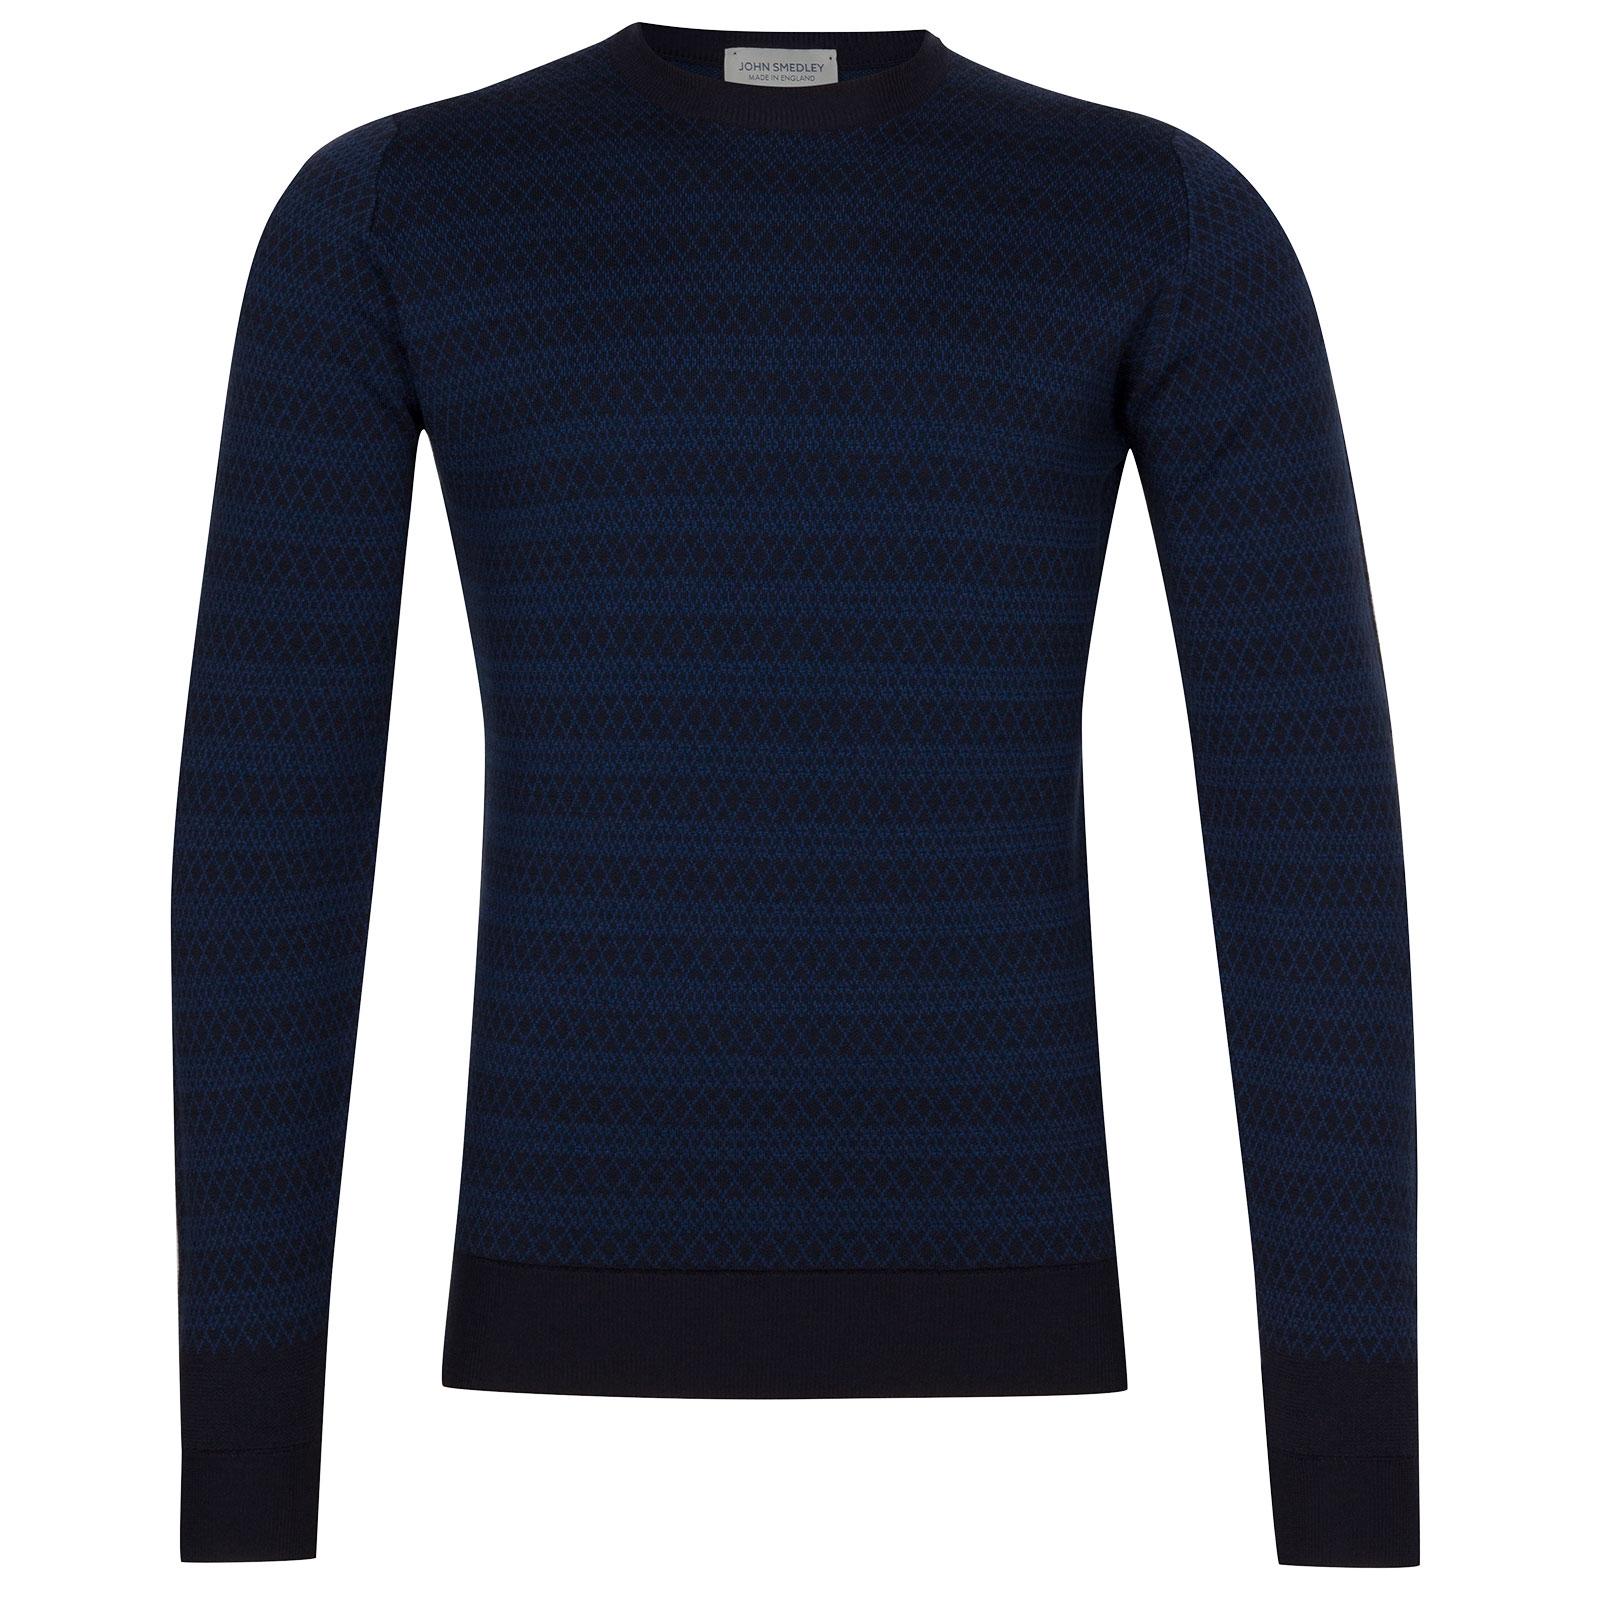 John Smedley Baldo Extra Fine Merino Wool Pullover in Midnight-S